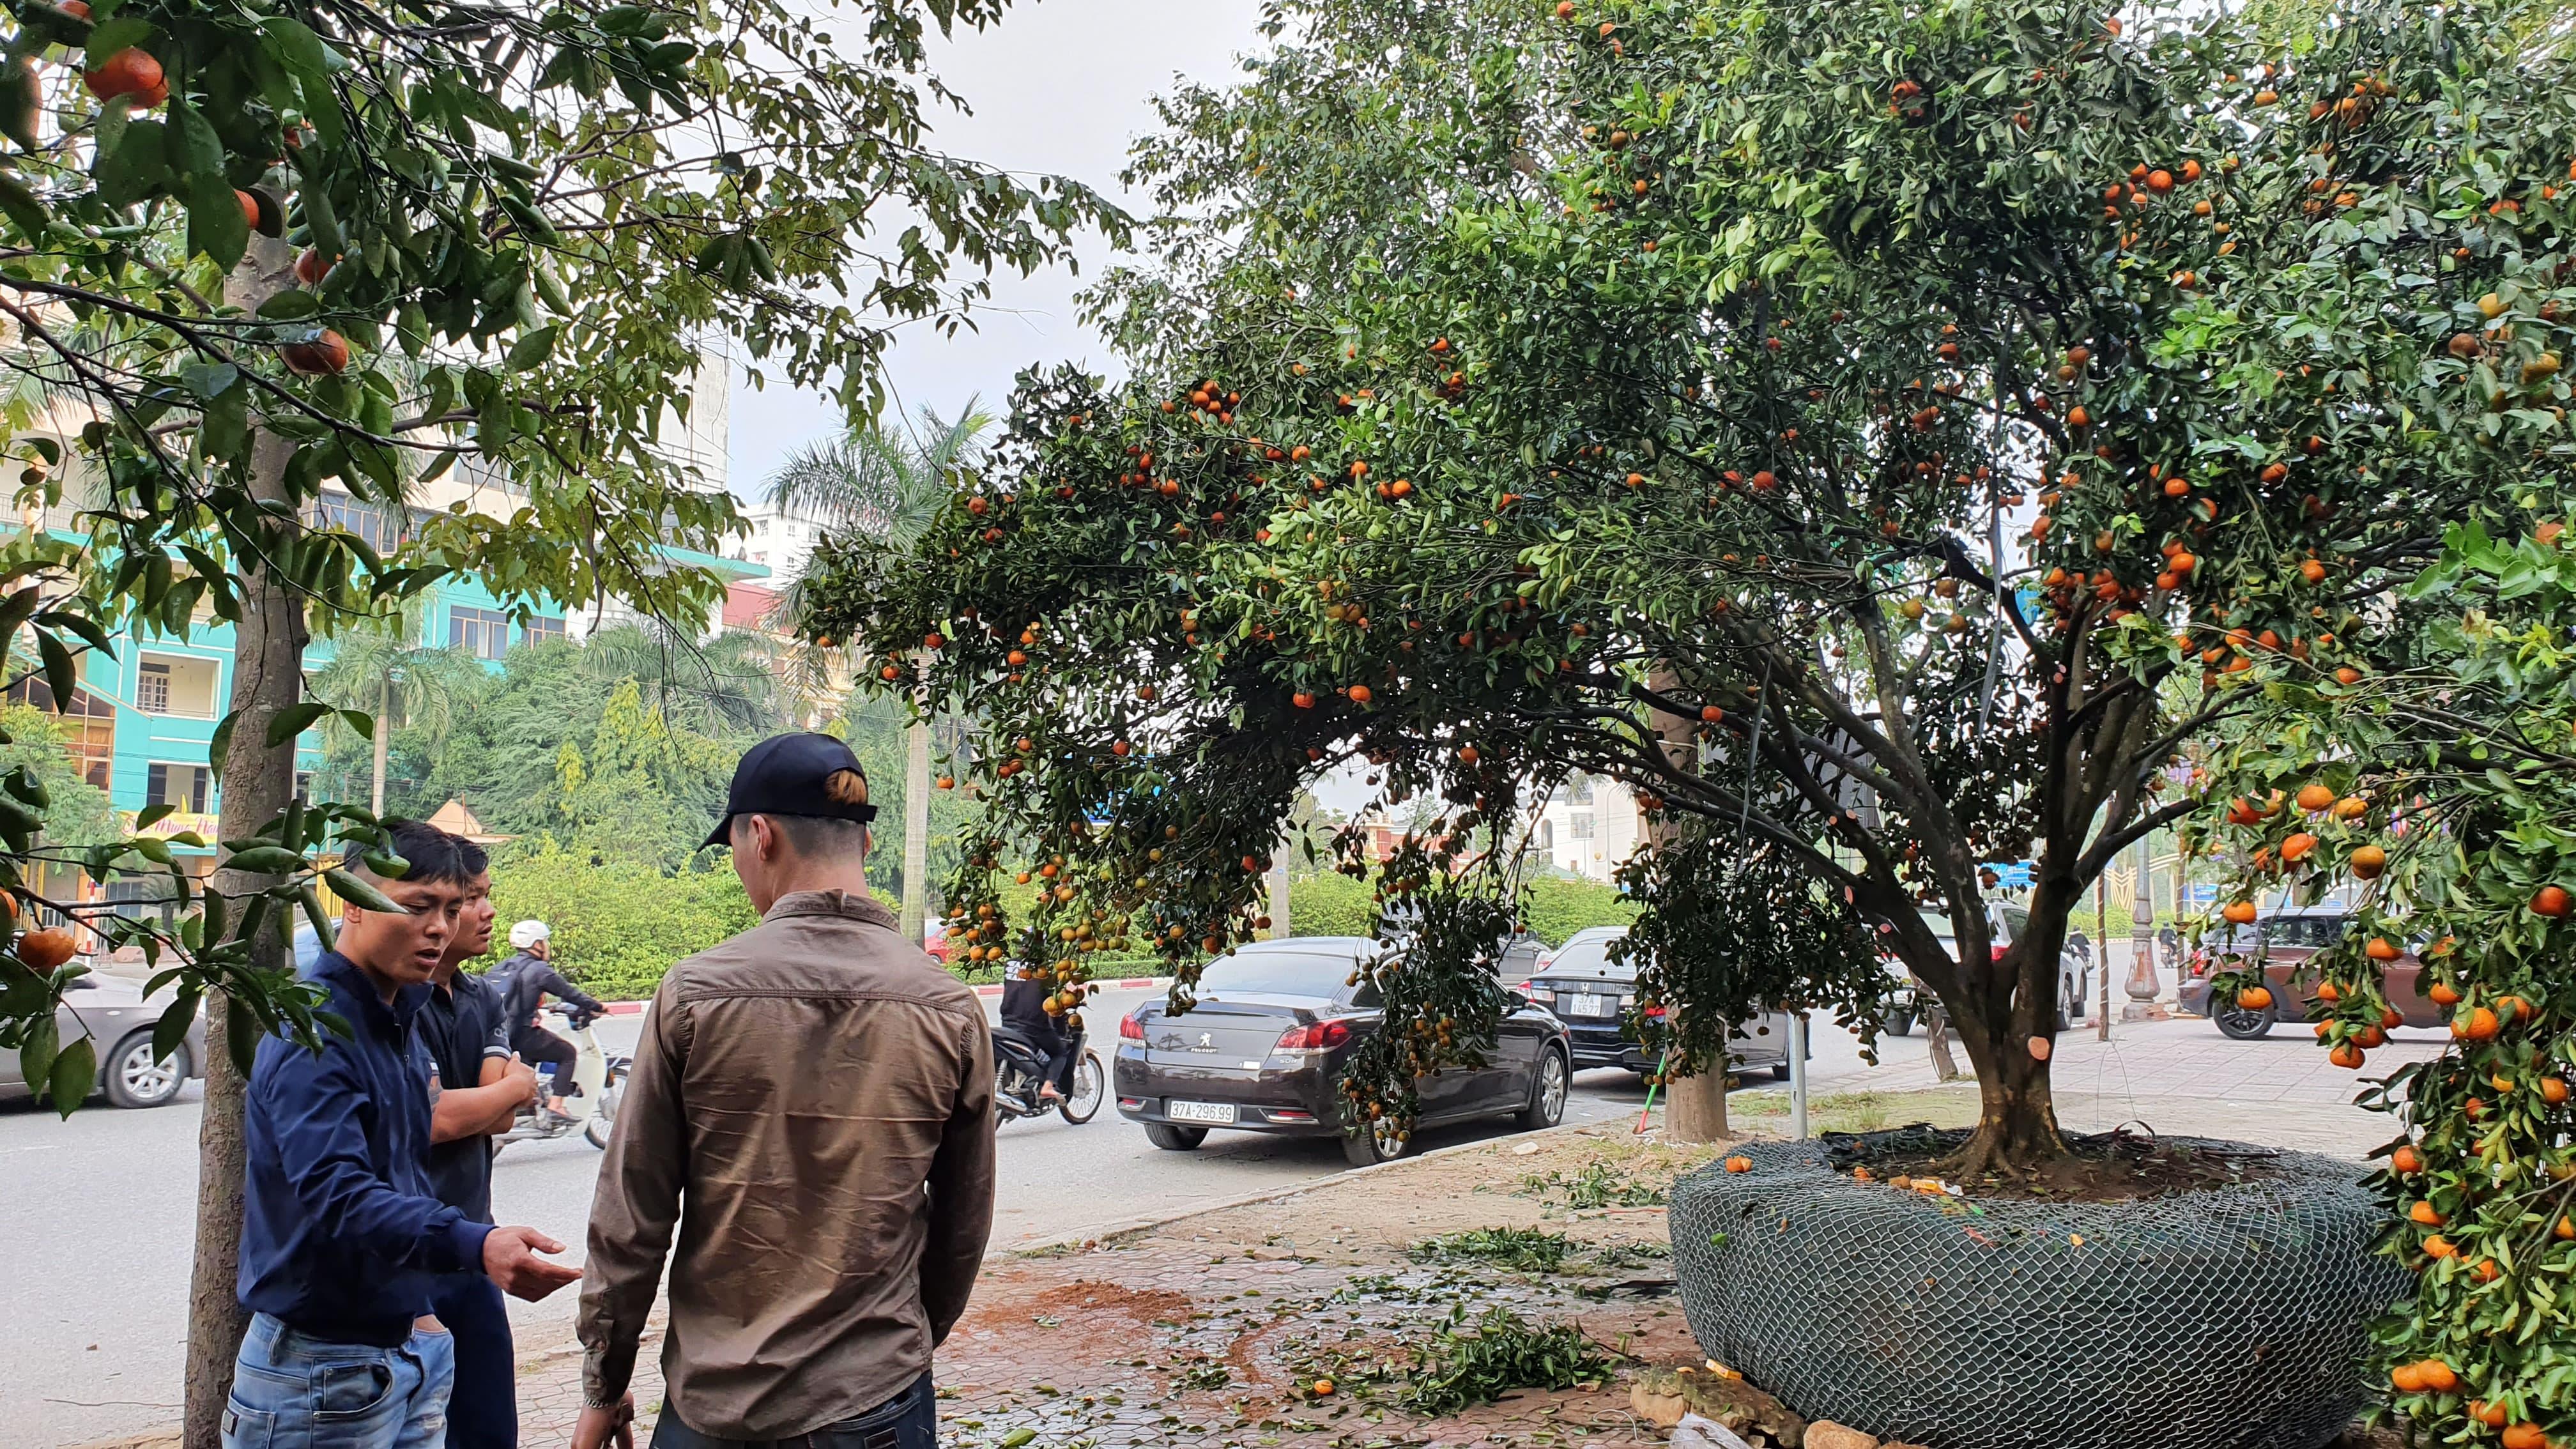 Chiêm ngưỡng cây quýt cổ thụ chưng Tết được đào từ rừng về có giá 100 triệu đồng - Ảnh 5.